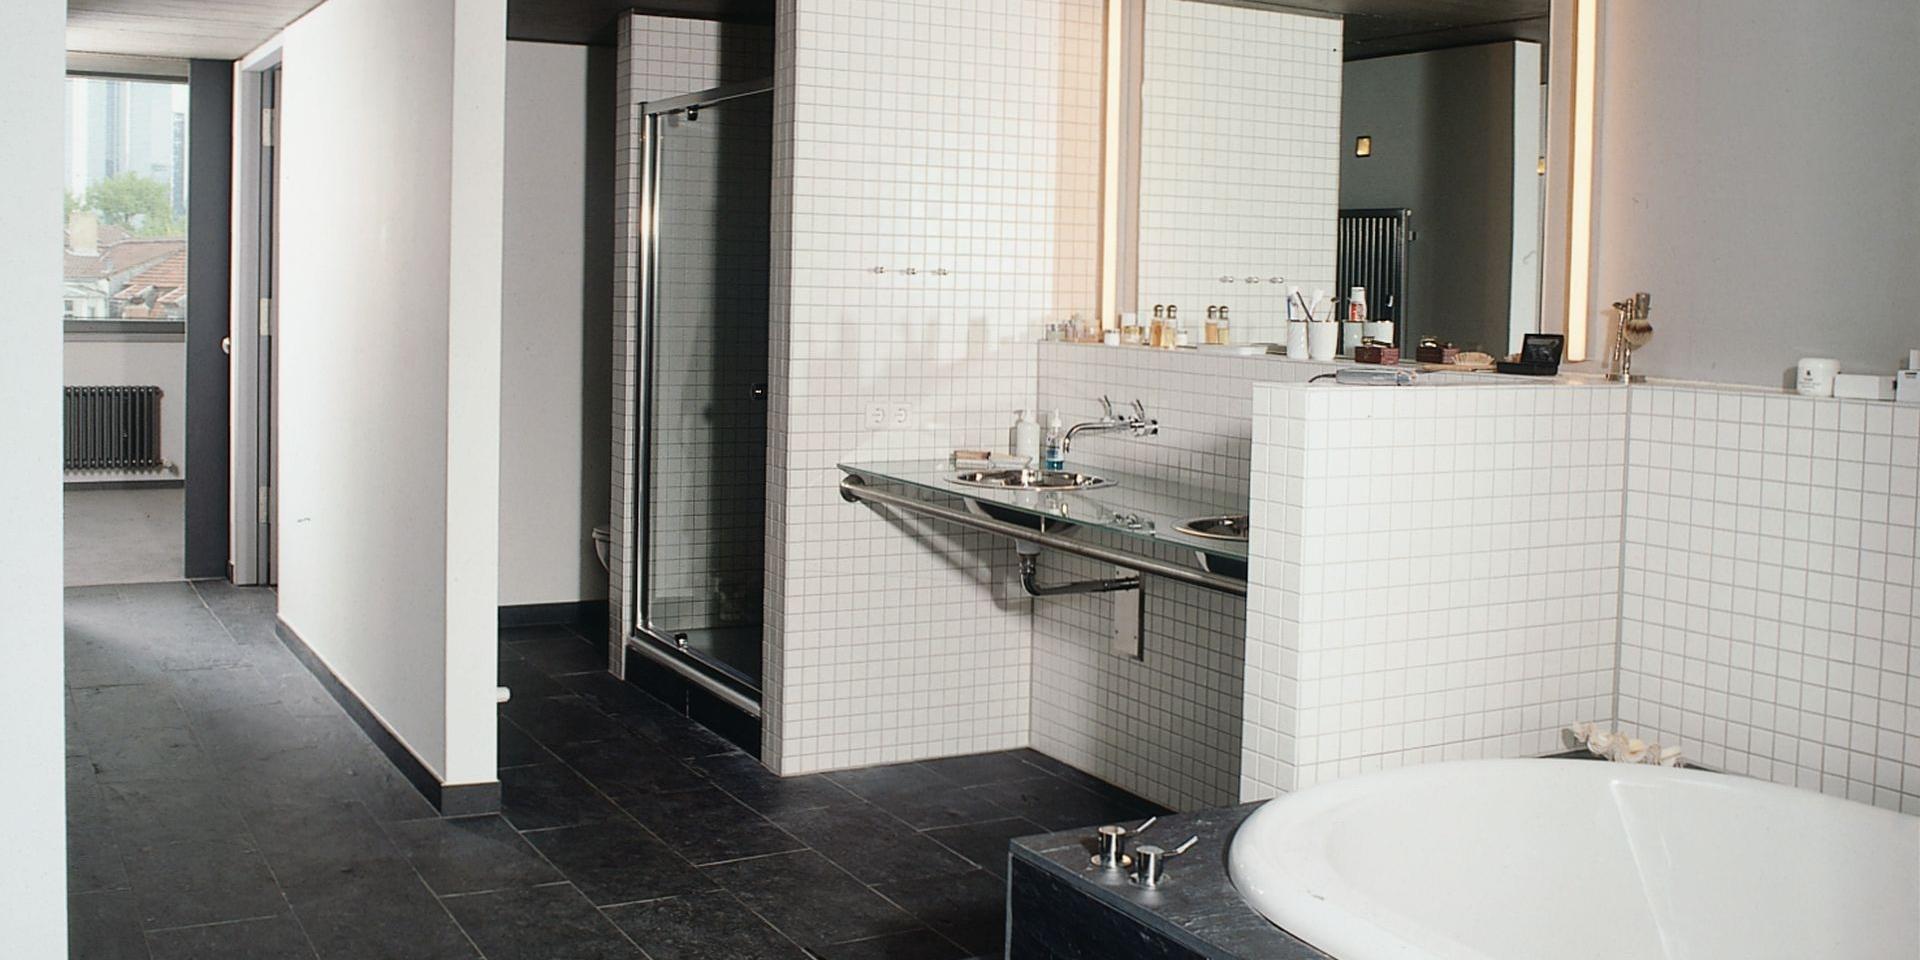 Architekten Frankfurt - Neubau Penthouse in Frankfurt Westend, Architekturbüro Frick.Reichert Architekten